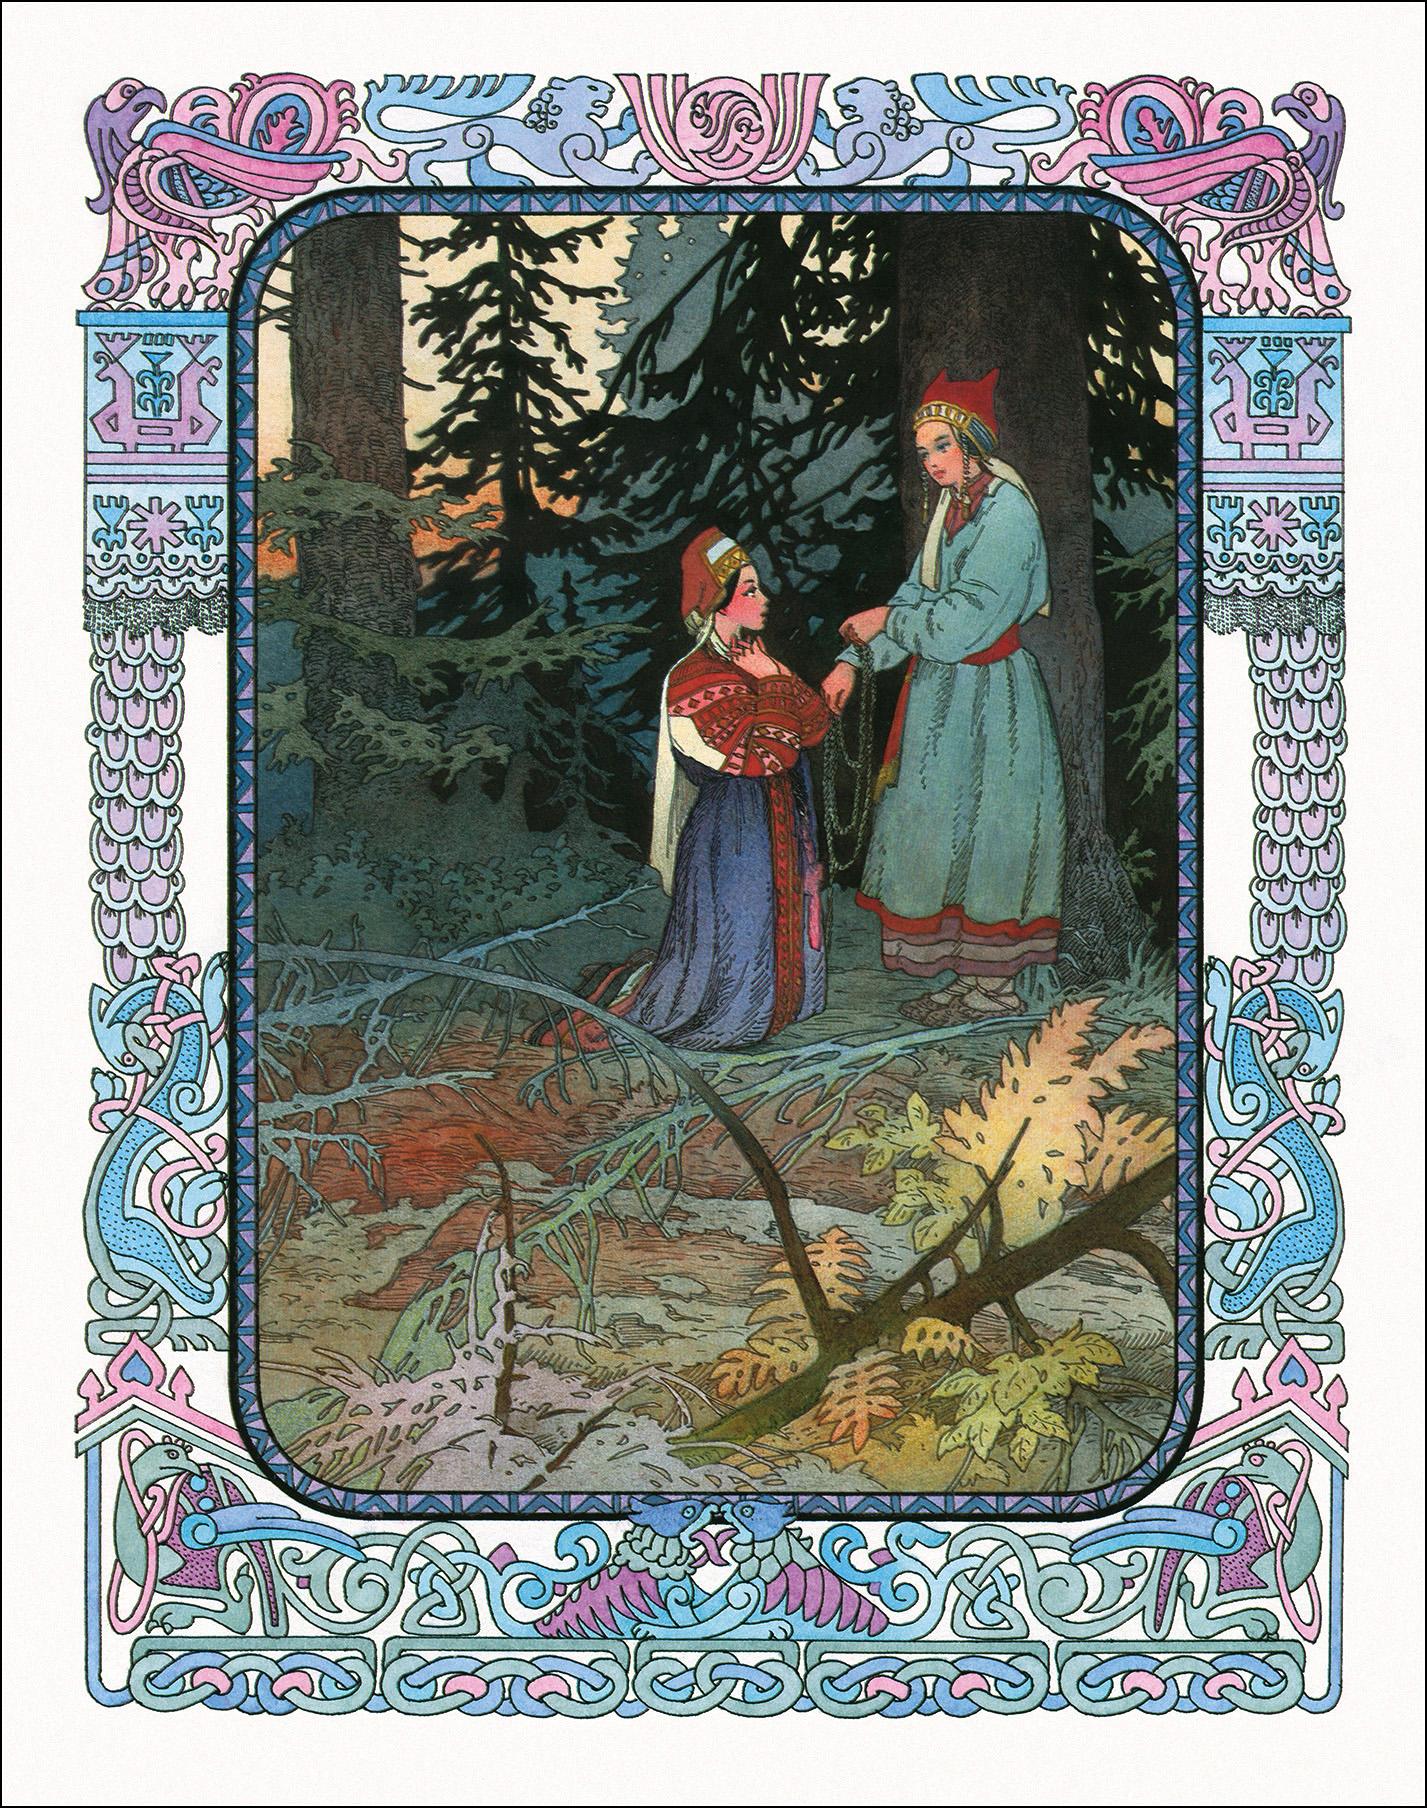 Н. Назарук, Пушкин, Сказка о мертвой царевне и семи богатырях